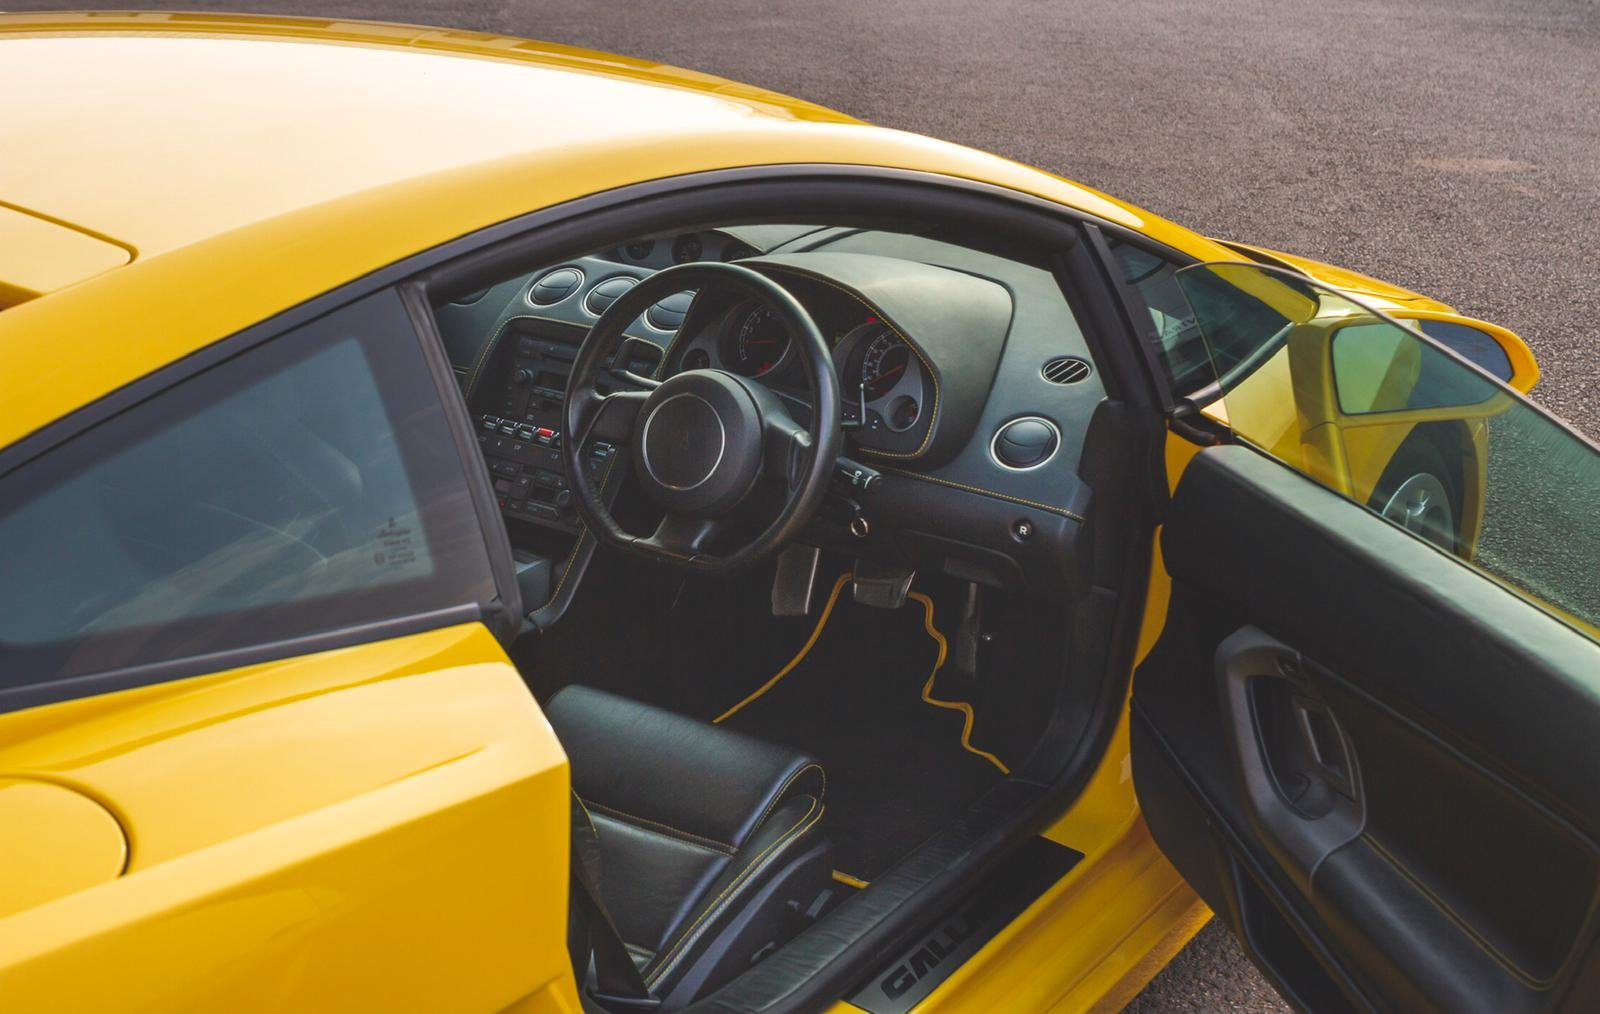 2004 Lamborghini Gallardo Pearl Yellow (E Gear) SOLD (picture 4 of 6)